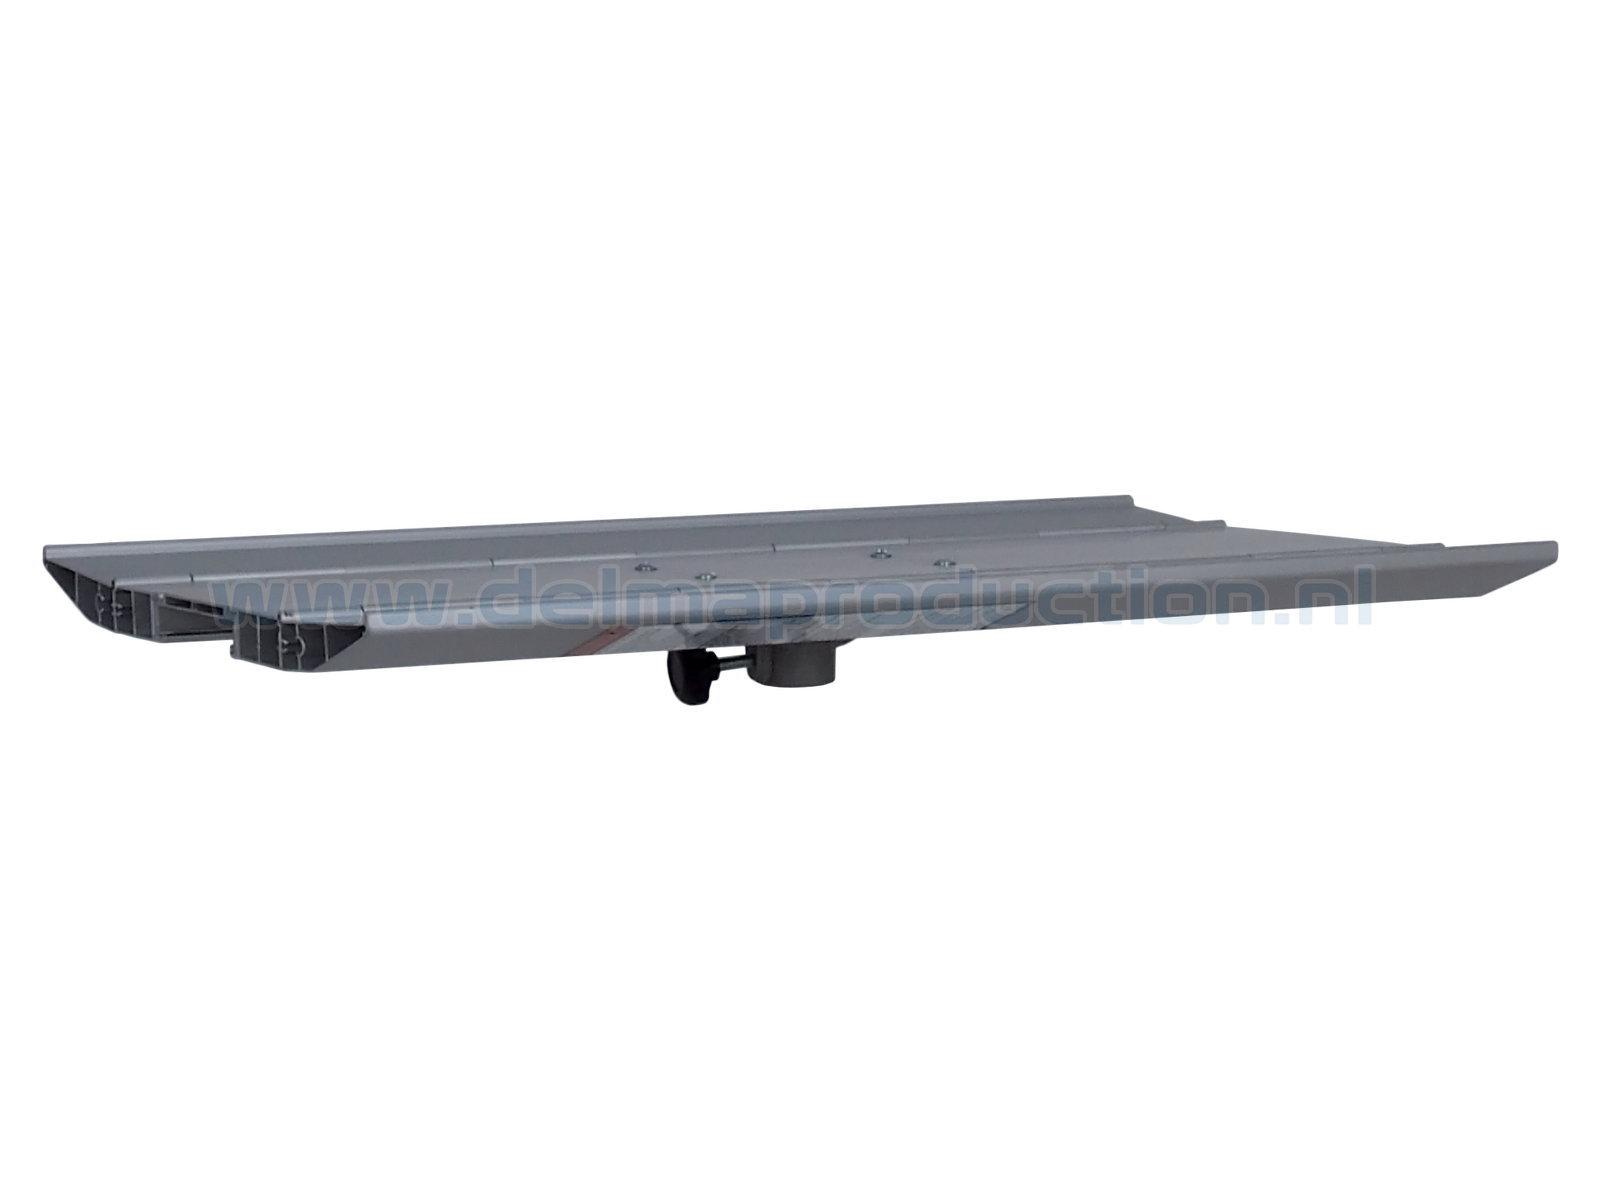 Montageplattform für elektrische Aufzüge Geeigenet für elektrische Aufzüge DEL 340 und DEL 520. Abmessung Plattform 740 x 430 mm. (1)